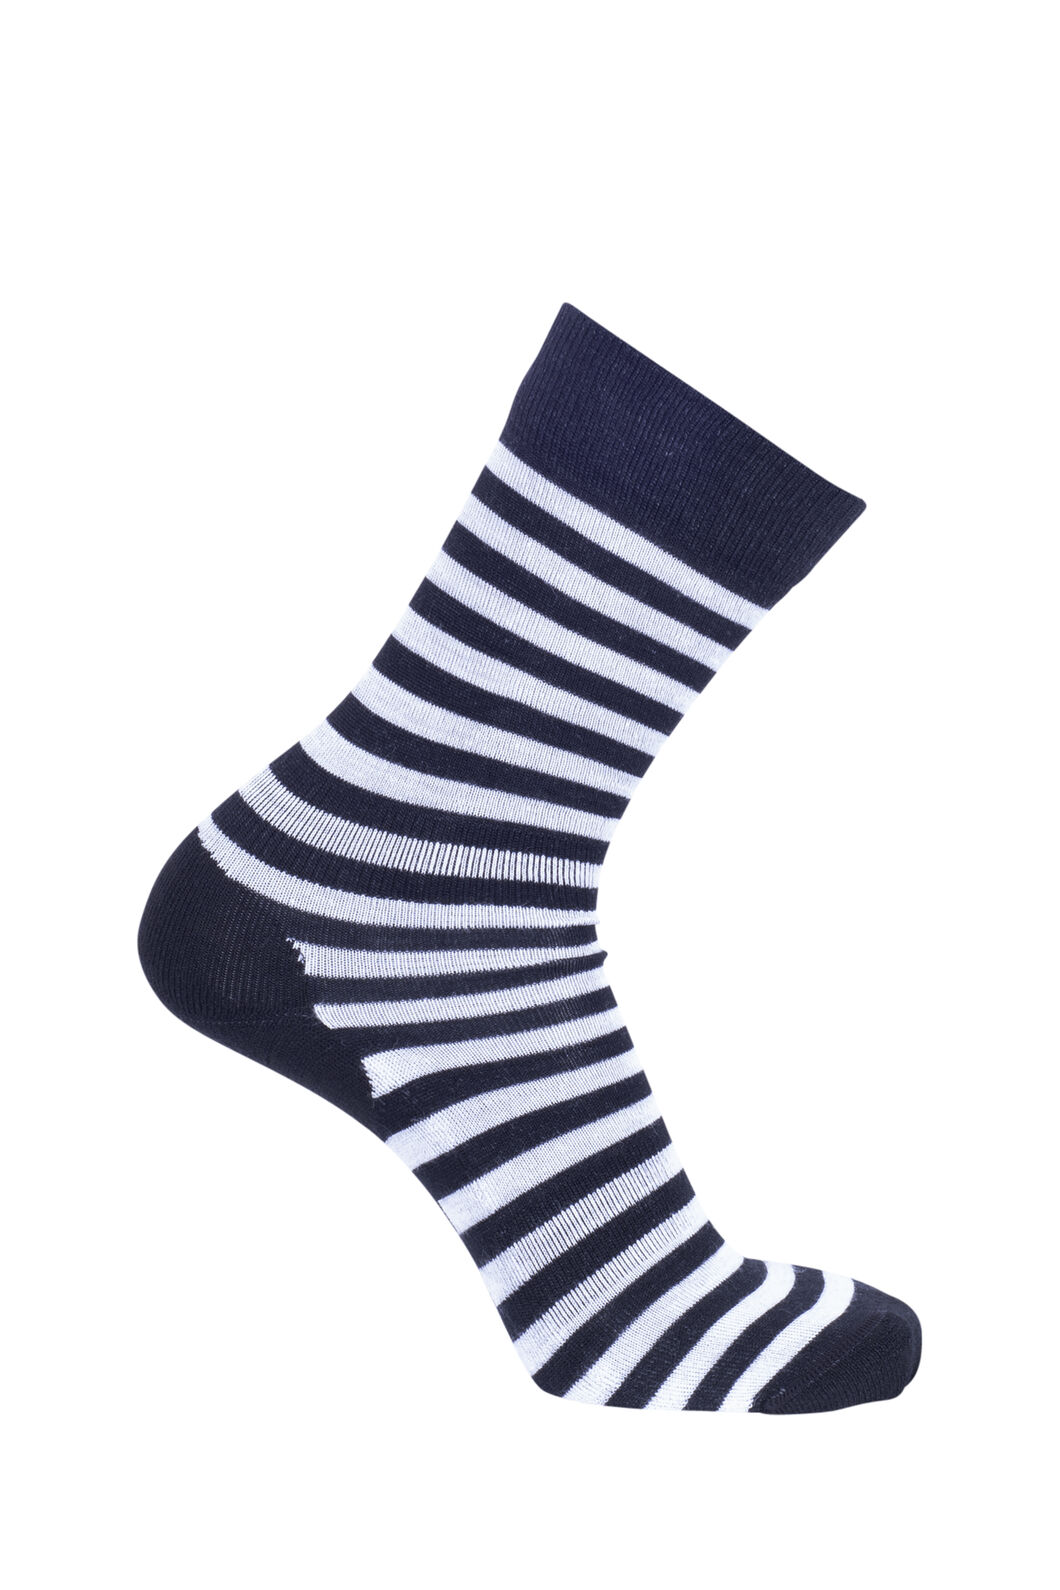 Macpac Footprint Sock, Black Stripe, hi-res